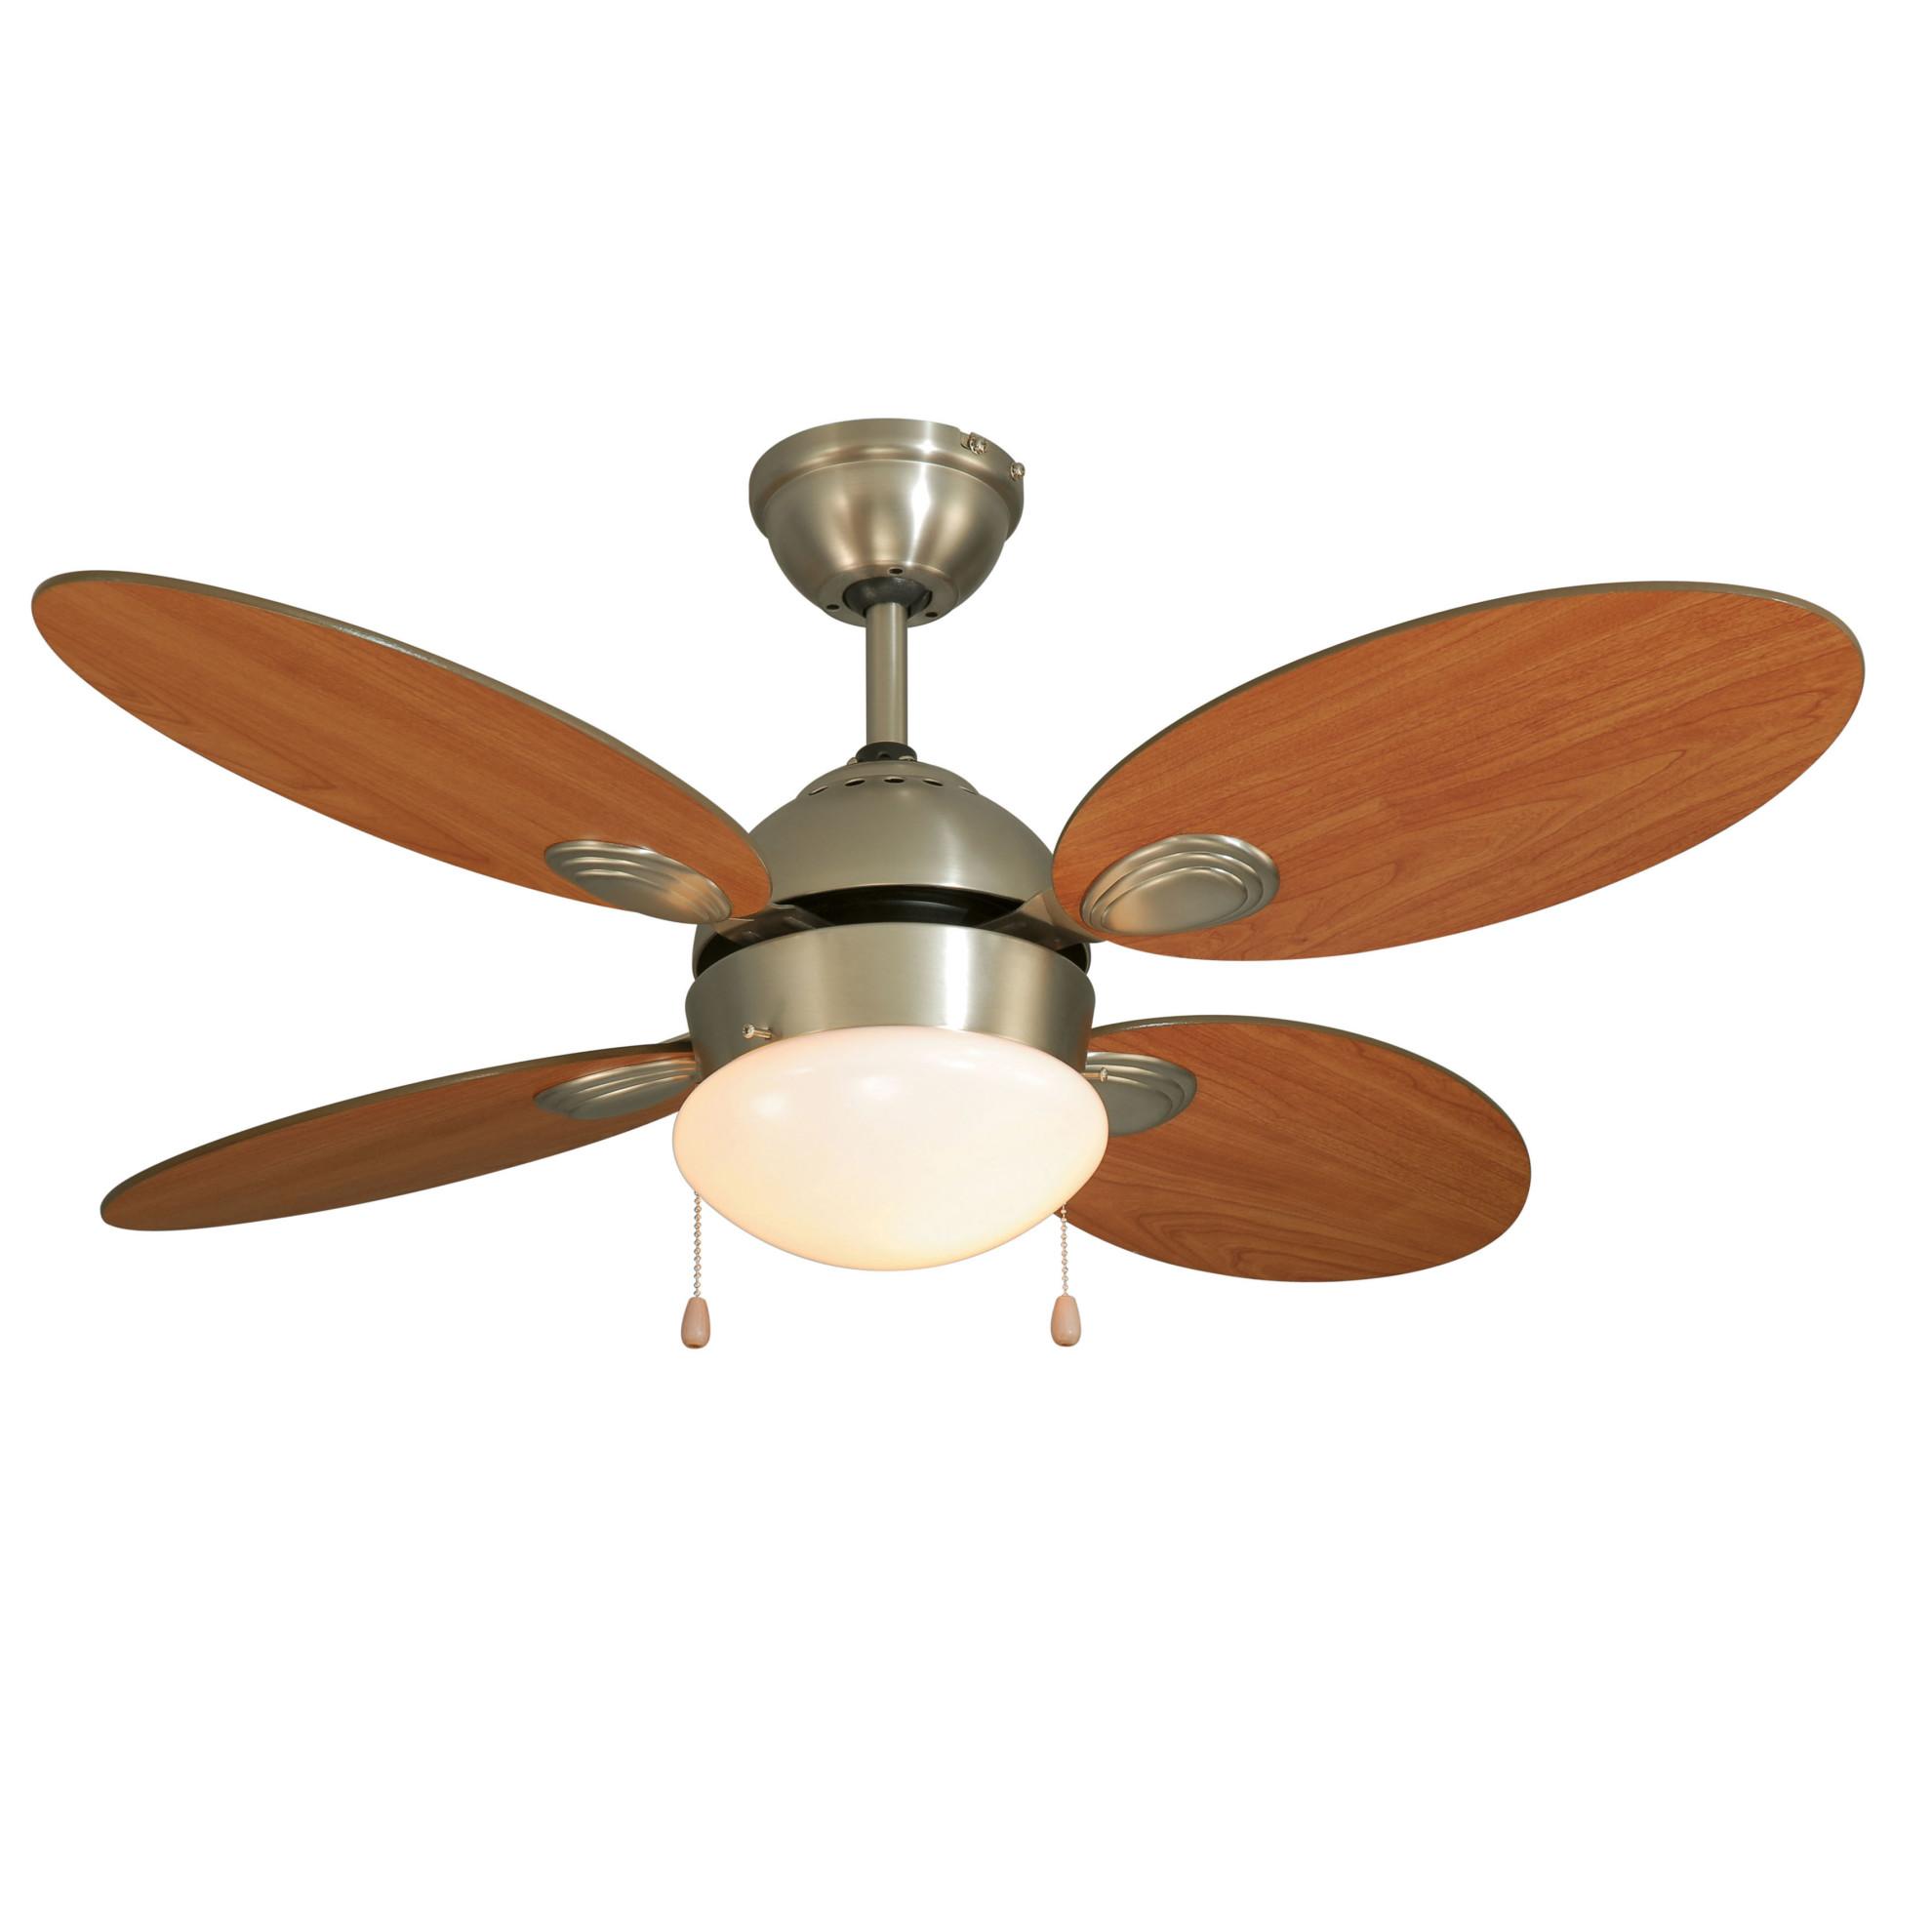 Ventilatore Soffitto Luce: Dcg vecrd30l ventilatore a soffitto 50 ...